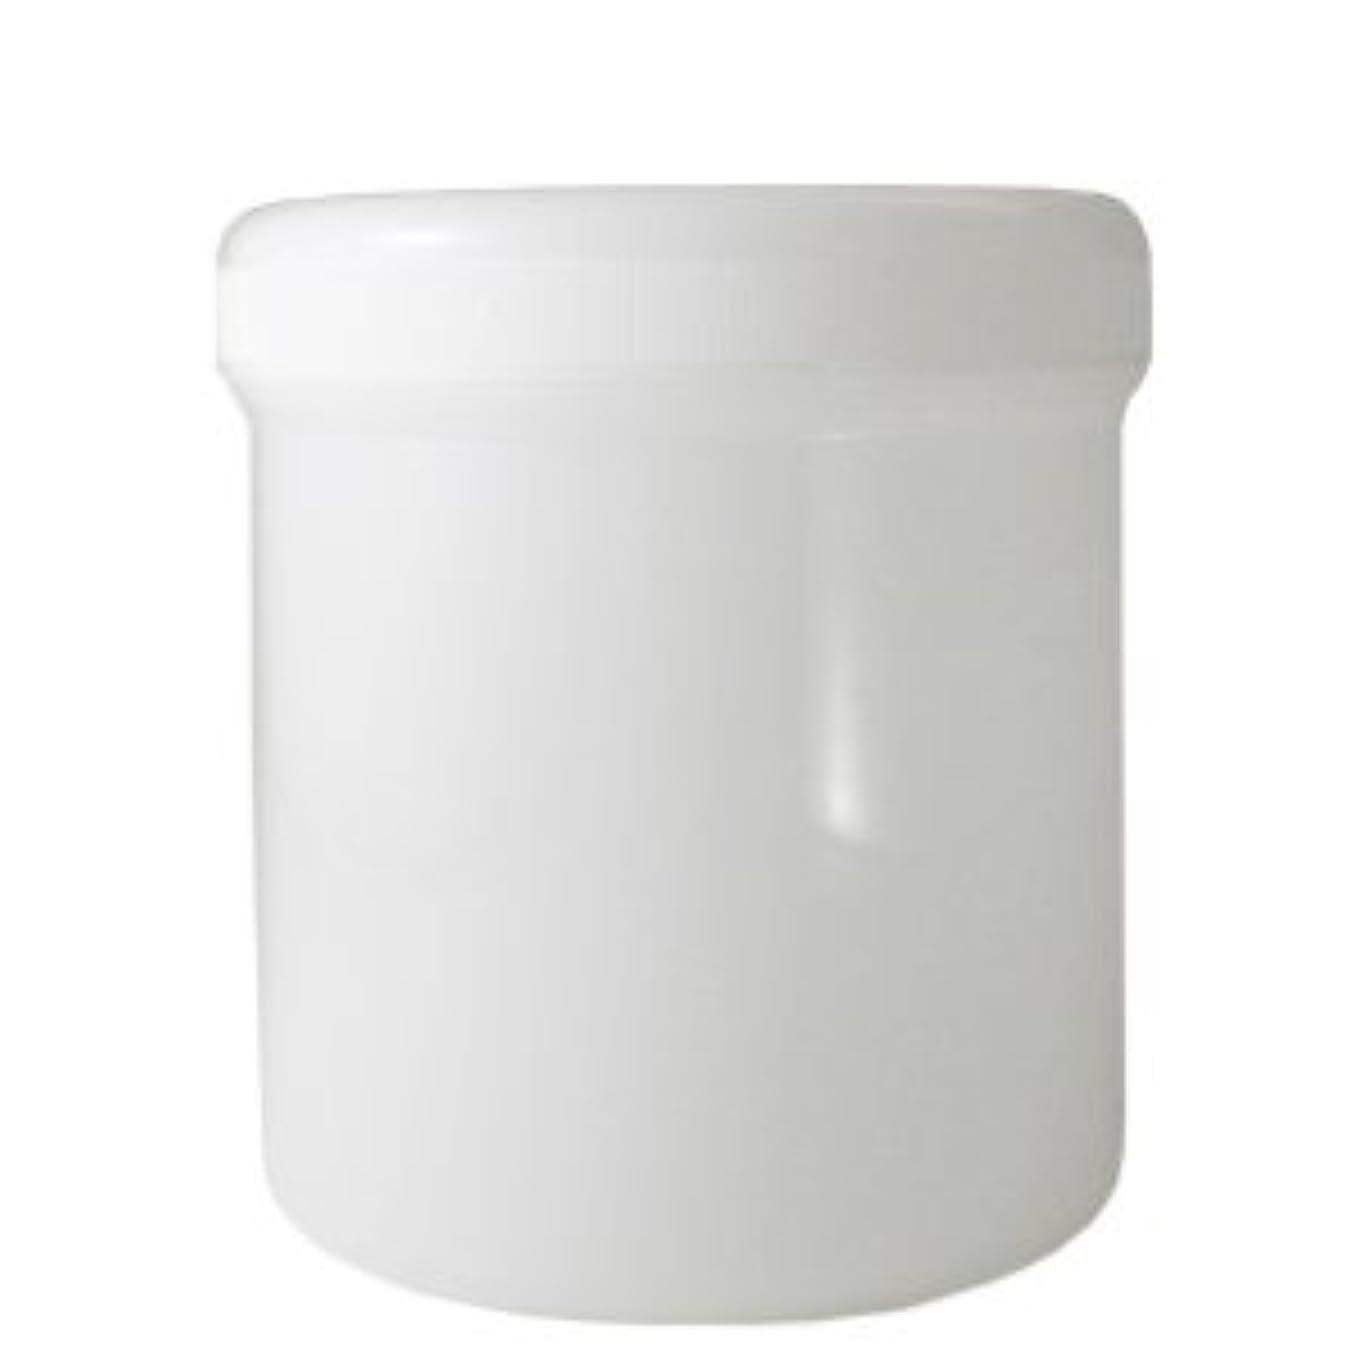 ポーンラビリンス注ぎますナンコー容器 クリームジャー化粧品容器 550ml